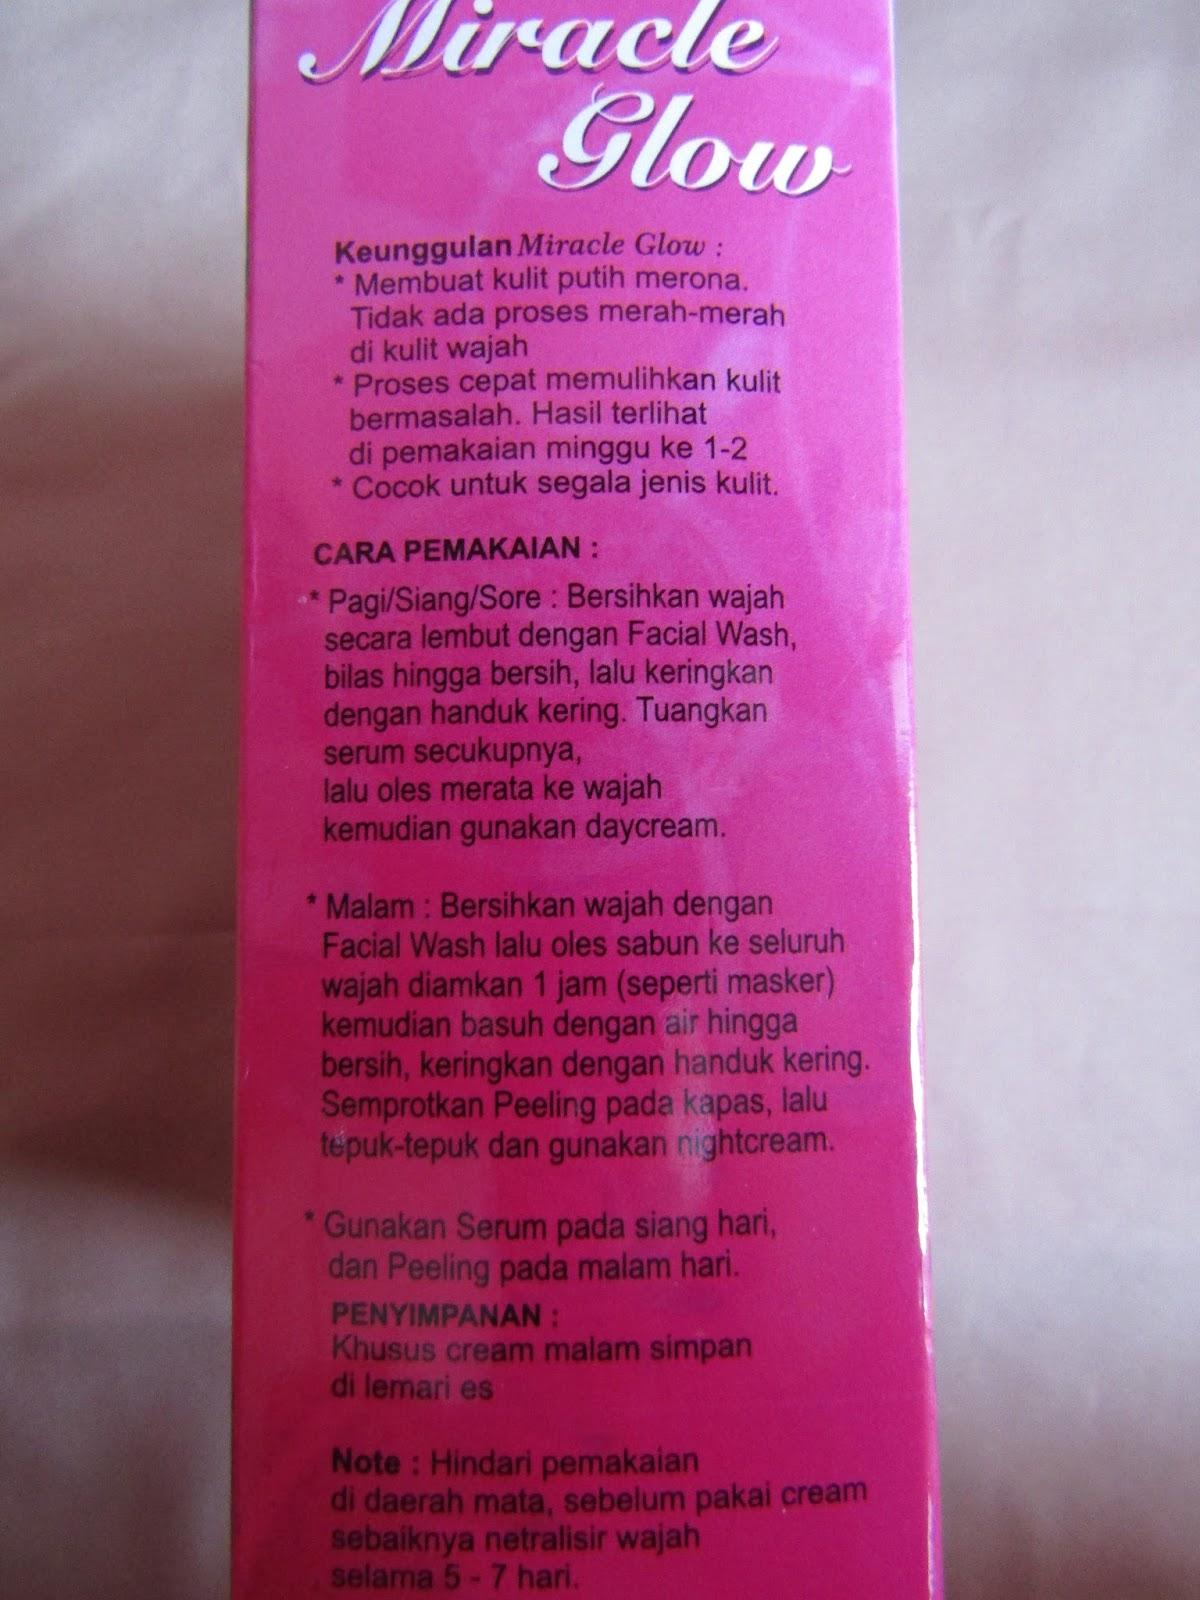 Beauty Blogger Review Paket Platinum Miracle Glow Cream Leher Eleora Keunggulan Membuat Kulit Putih Merona Bercahaya Tanpa Melalui Proses Merah Dikulit Cepat Memulihkan Masalah Dalam 1 2